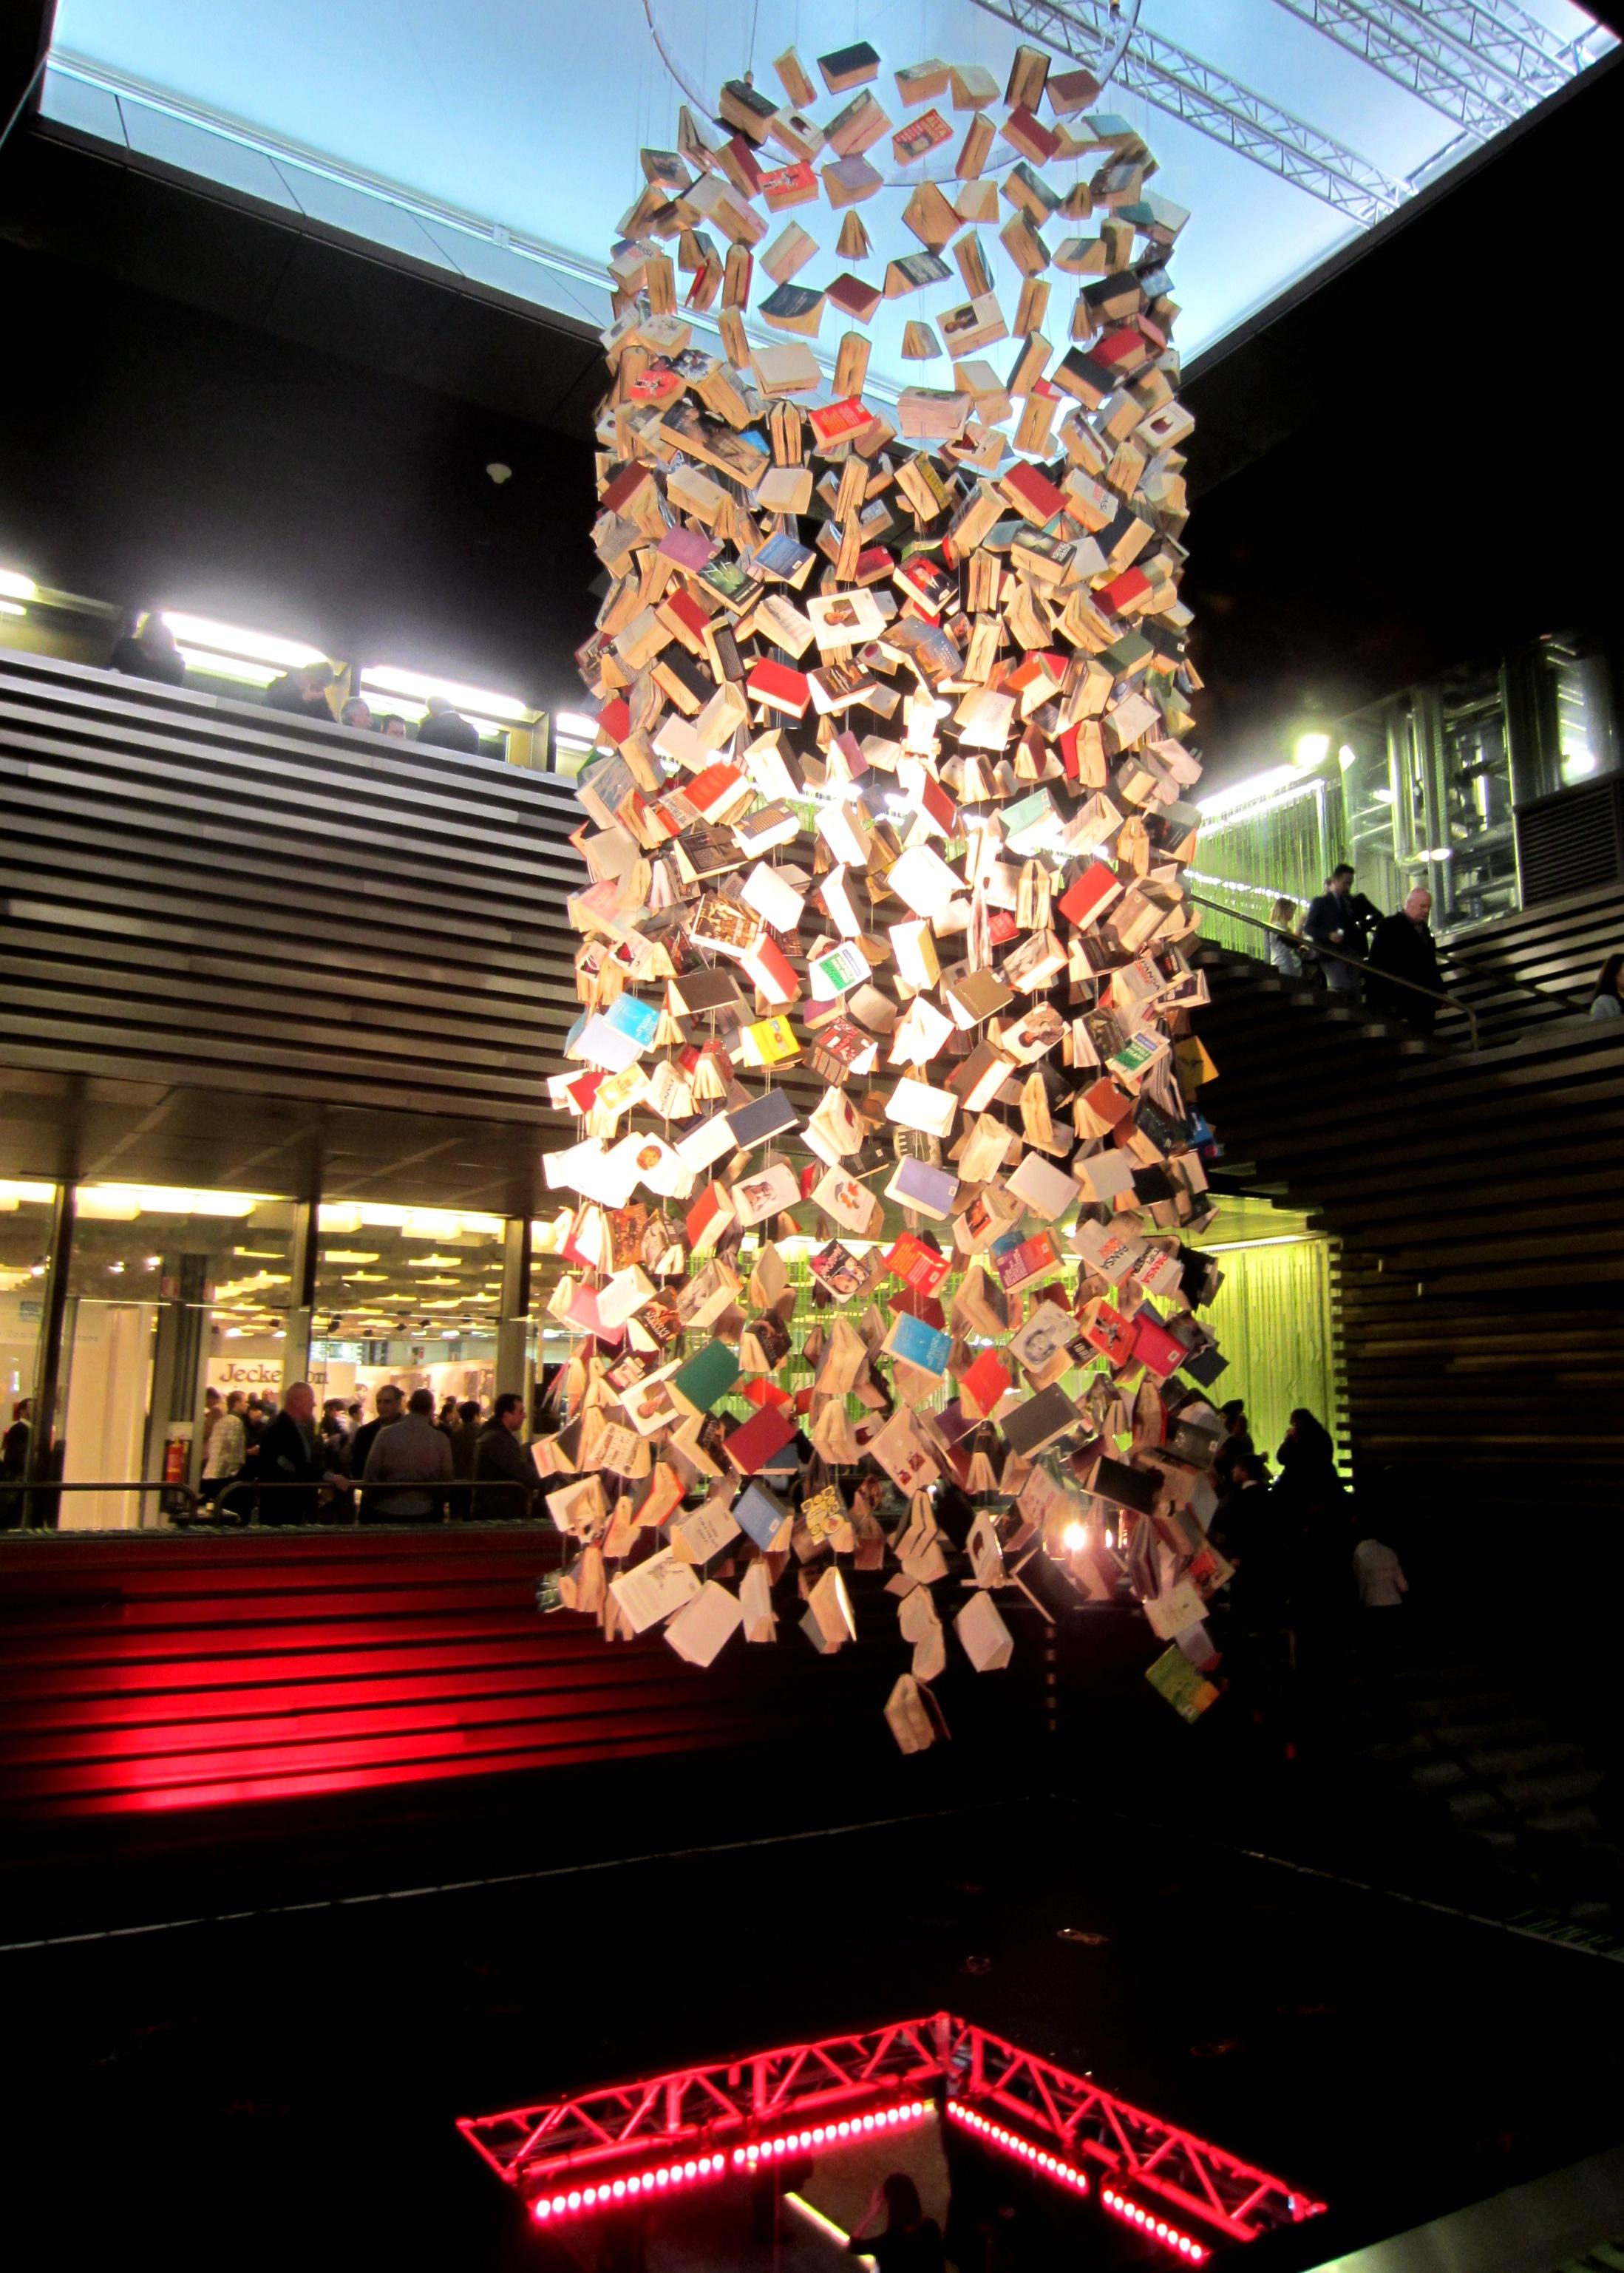 lampadari giganti : ... gli angoli libri come lampadari giganti foto 5 10 l uomo alla moda